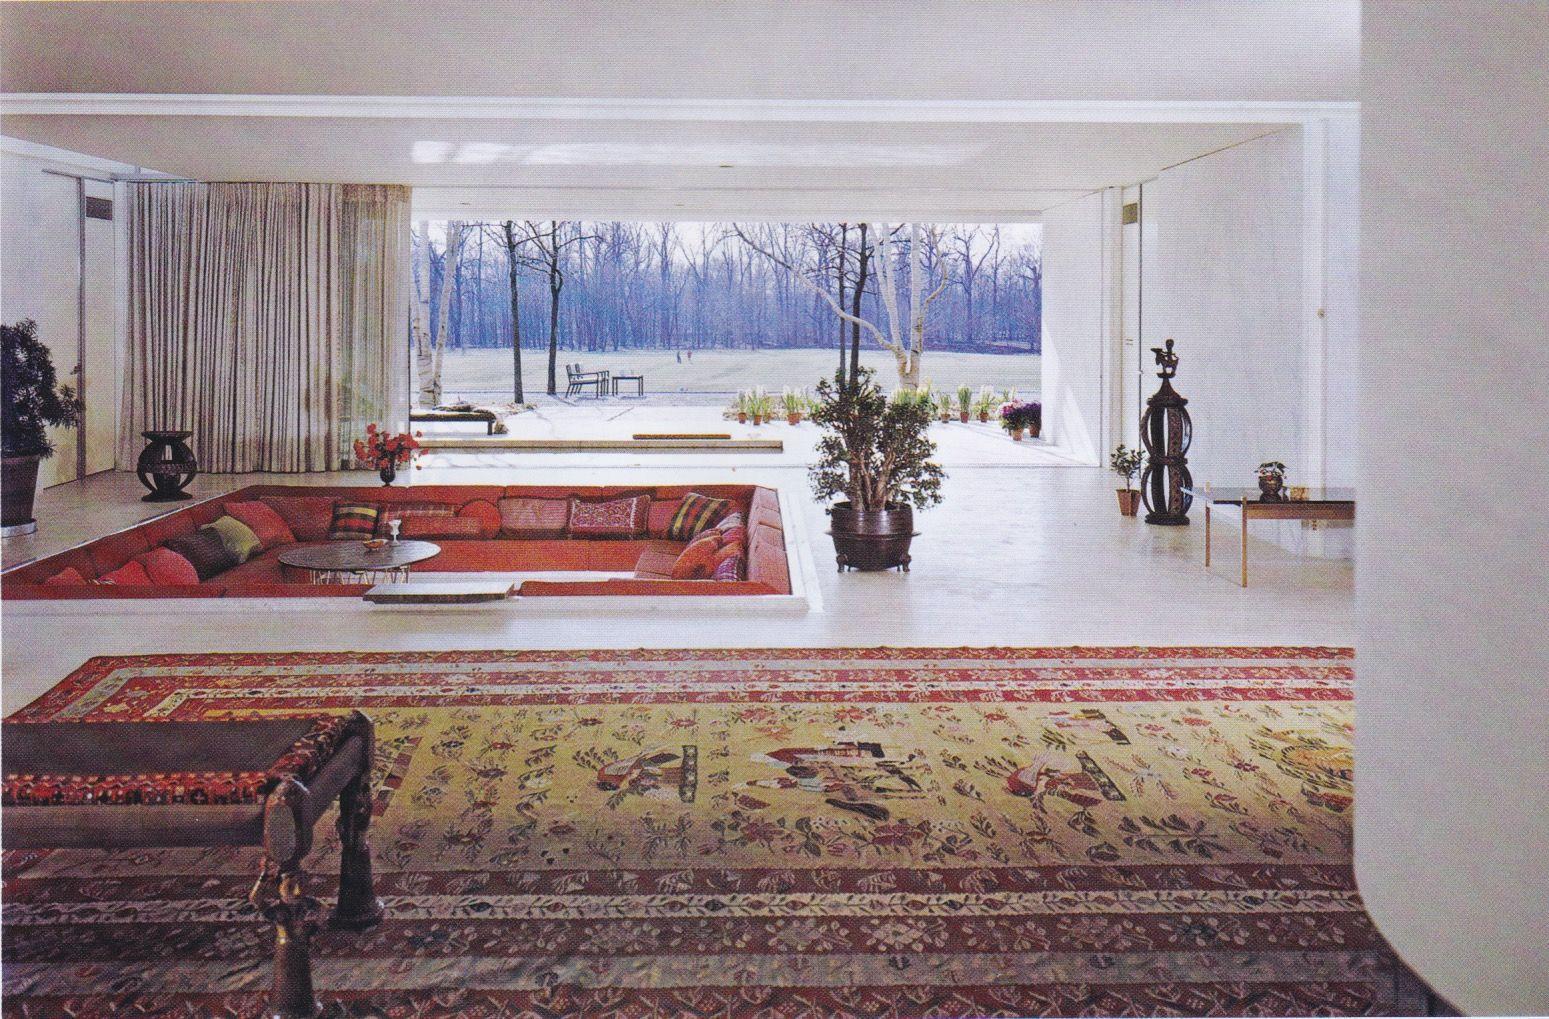 Pin by Annunziata Gianzero on Home Design  Miller homes, Sunken